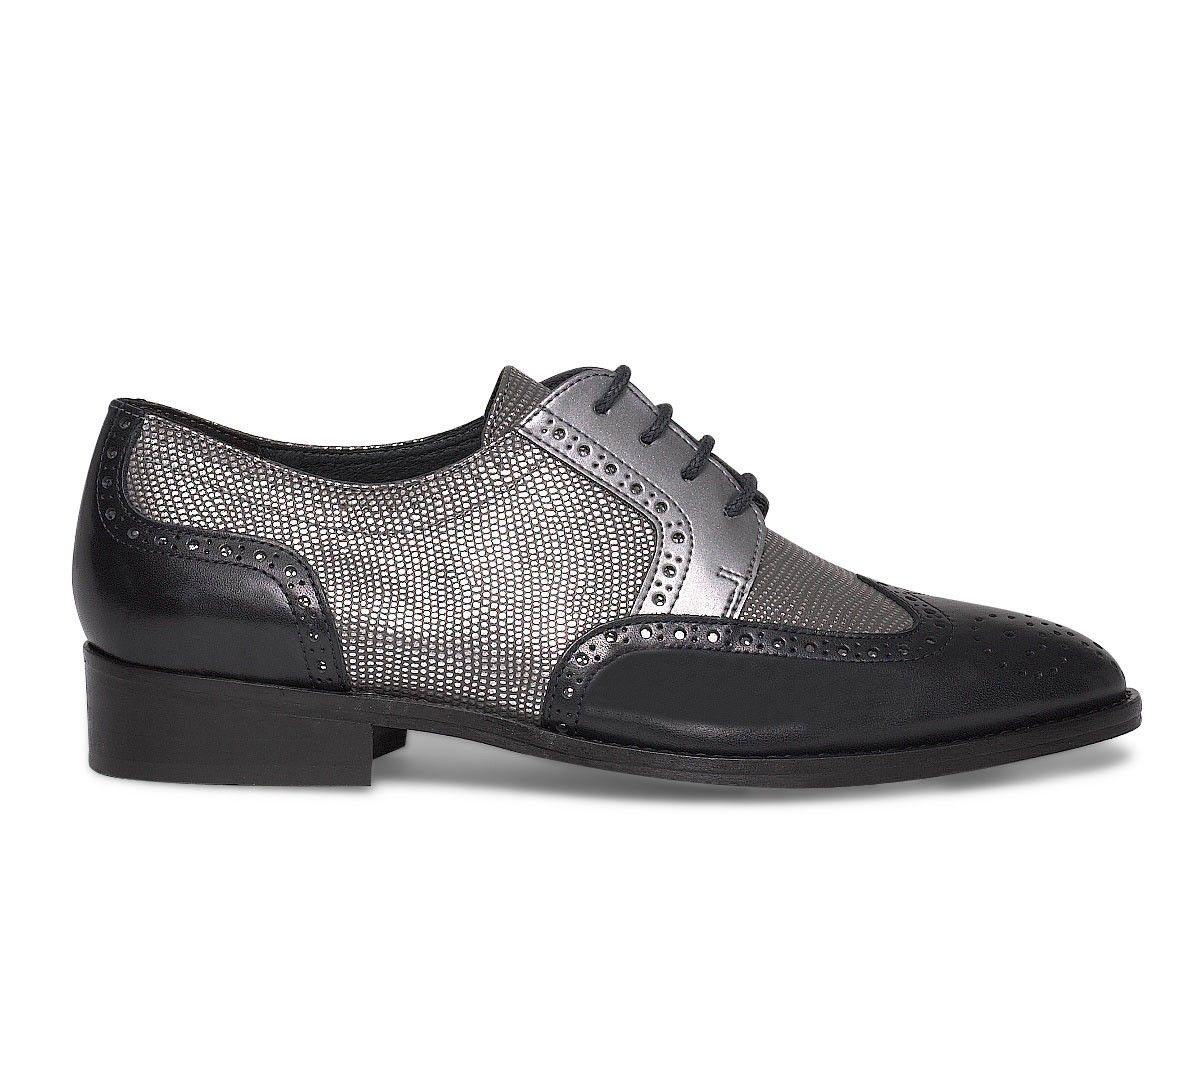 Chaussures femmes sneakers Derbies bleu AvvAIP